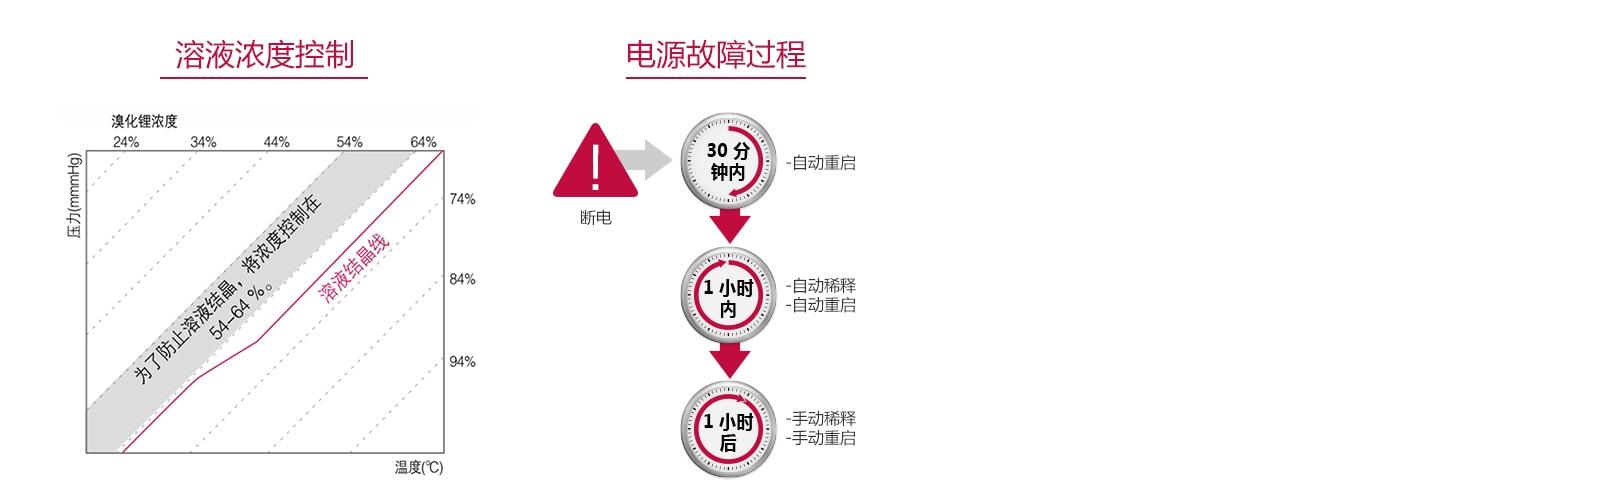 煤气筒_直燃型溴化锂吸收式冷(温)水机组 - 螺杆式系列机组 | LG商务 中国